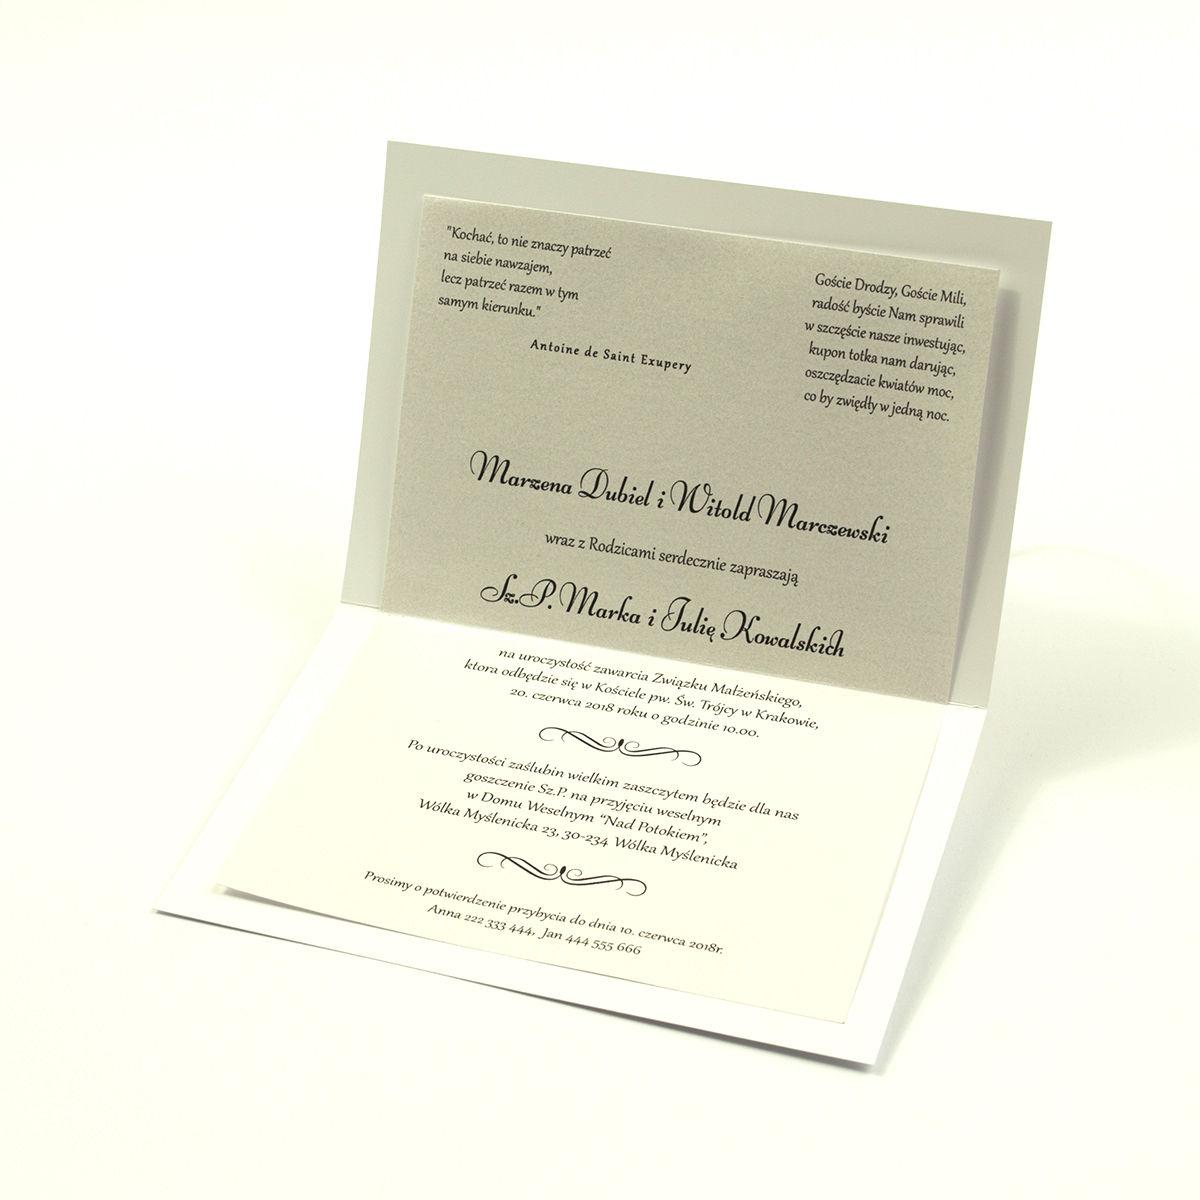 Eleganckie zaproszenia ślubne z cyrkonią oraz papierem ozdobnym przypominającym biało-srebrną grubą koronkę, na który przyklejony jest motyw tekstowy. ZAP-72-501